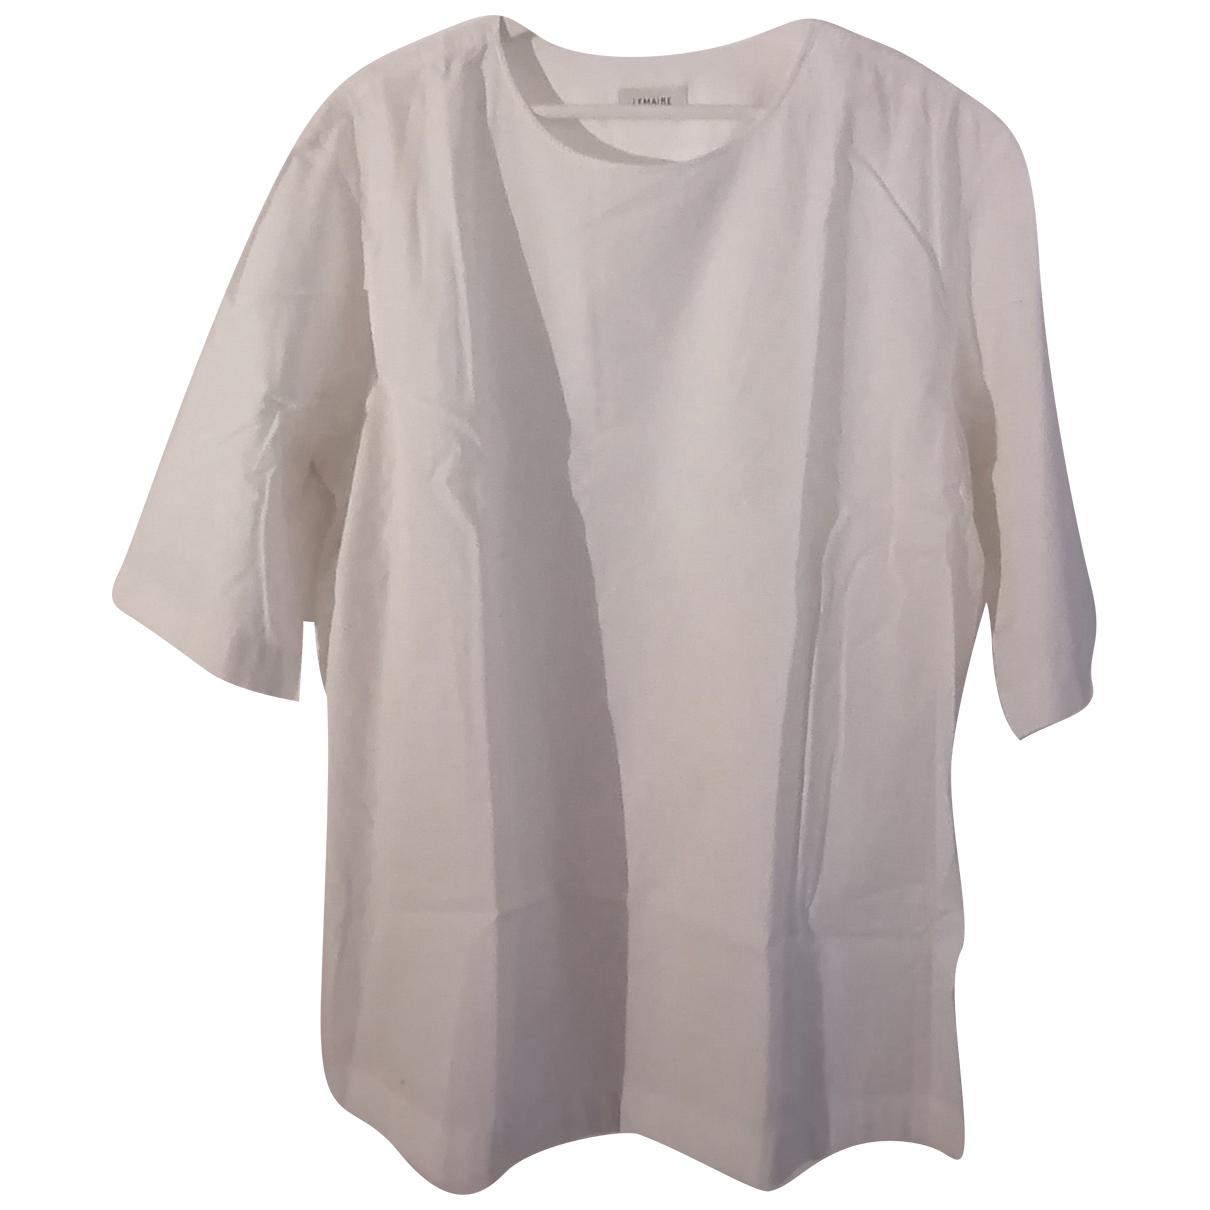 Lemaire - Tee shirts   pour homme en coton - blanc